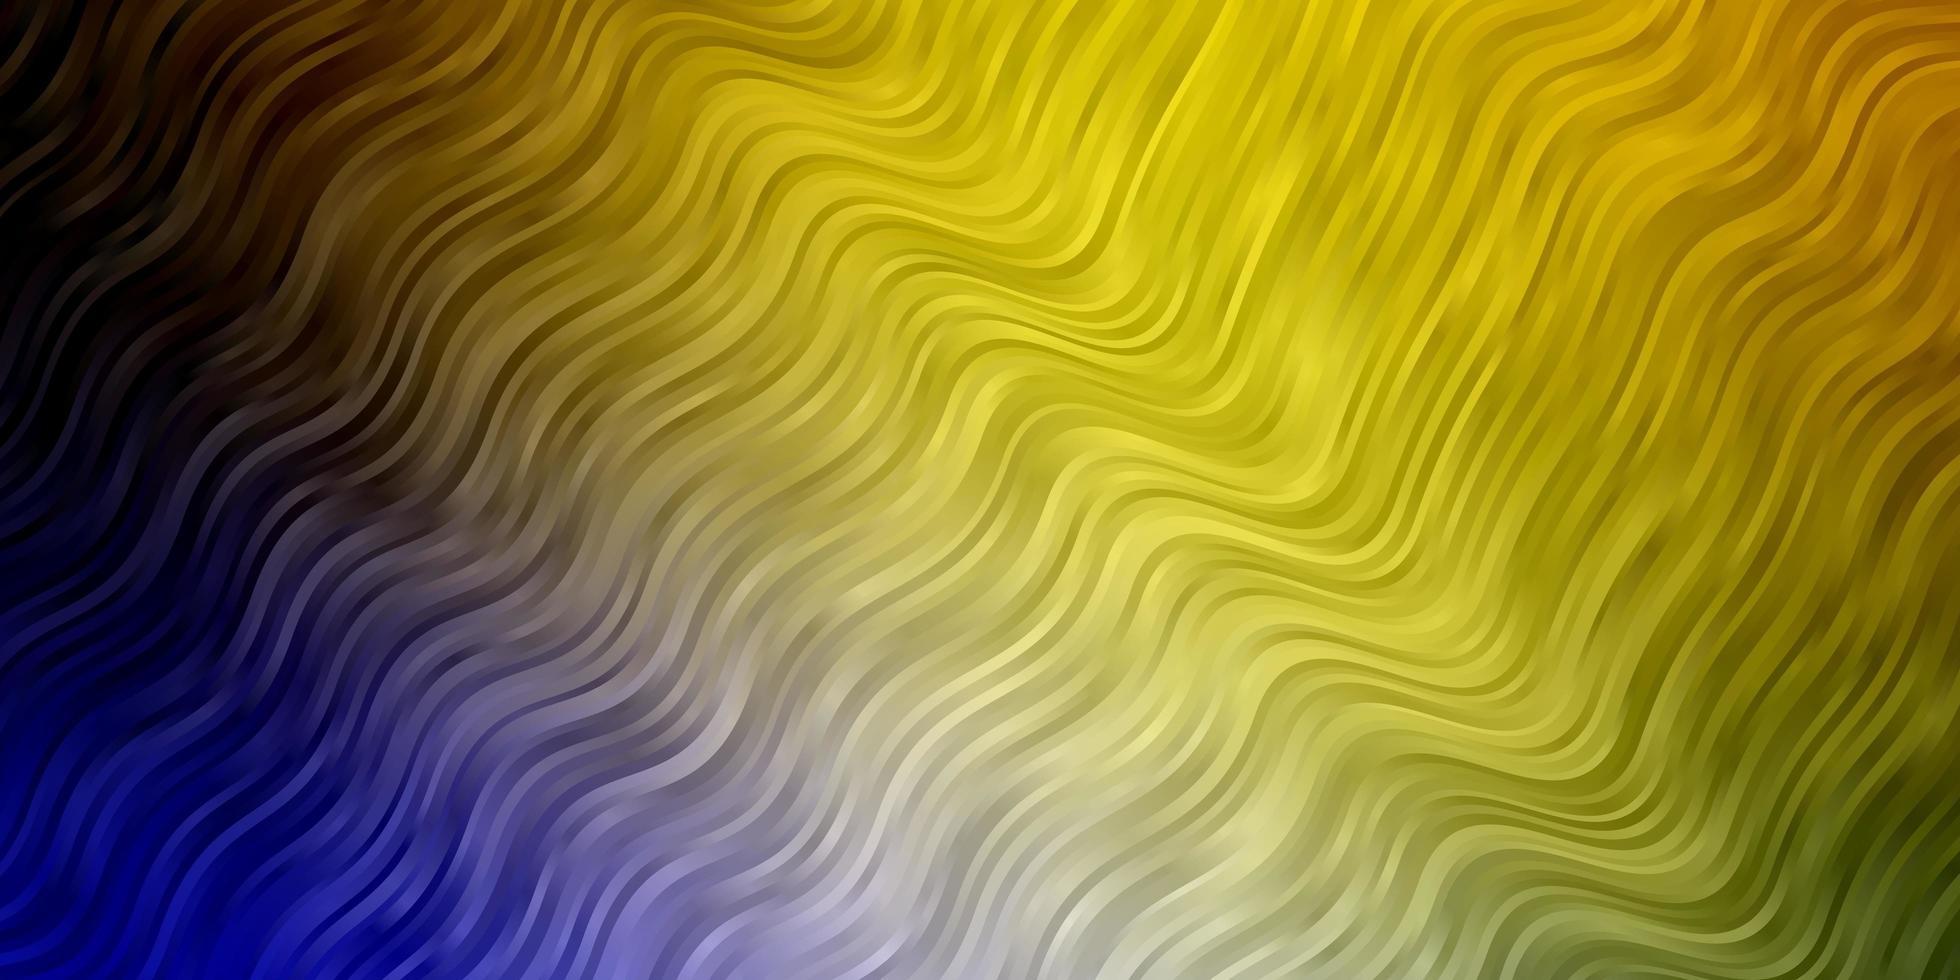 ljusblå, gul mall med böjda linjer. vektor